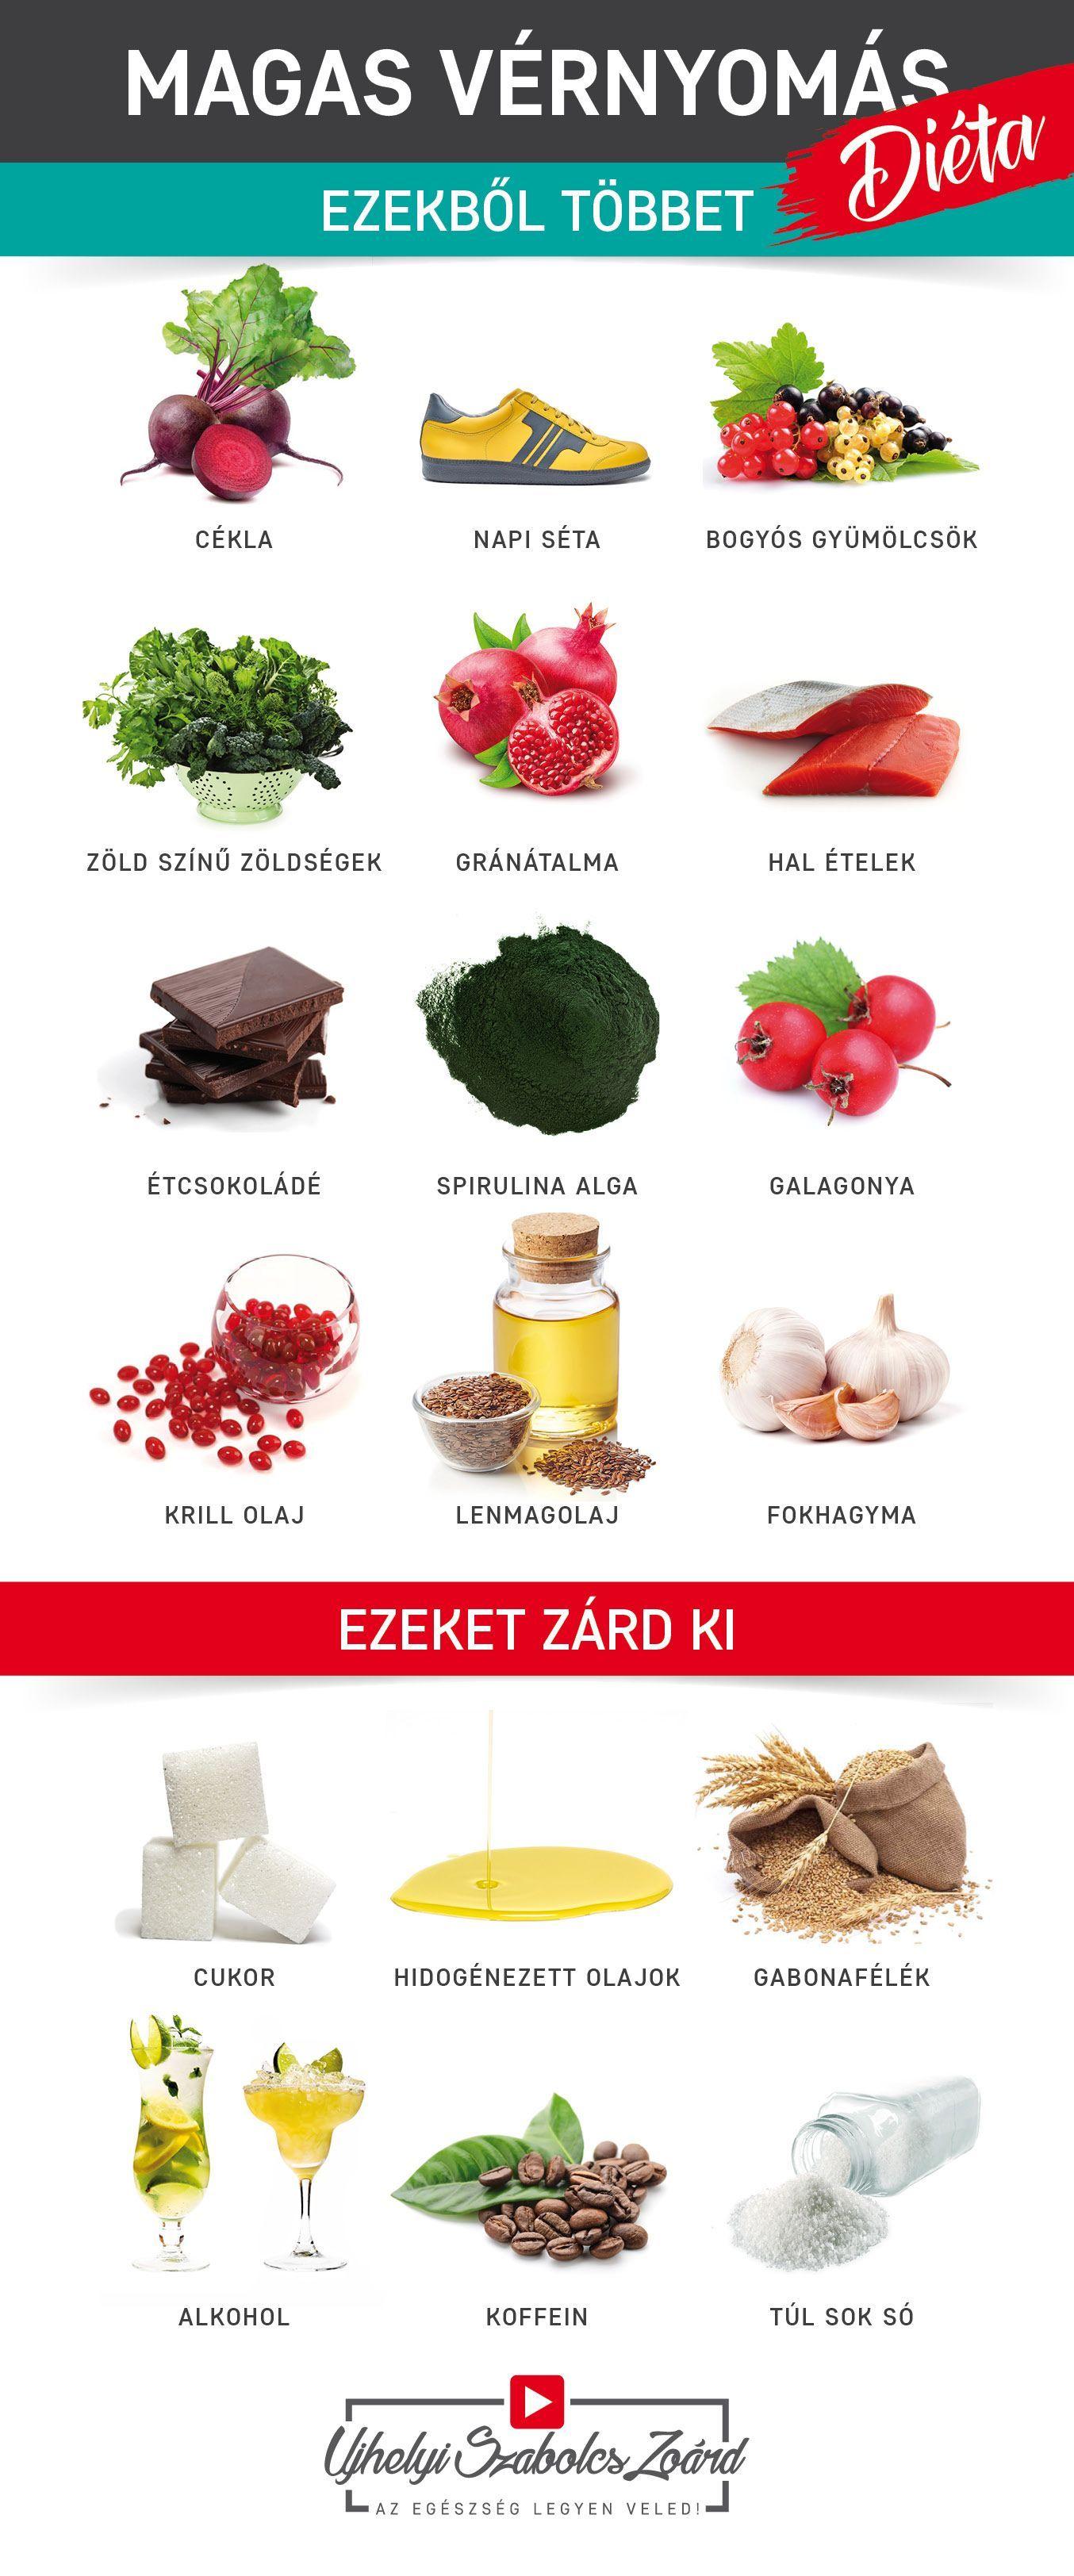 egészséges életmód magas vérnyomás